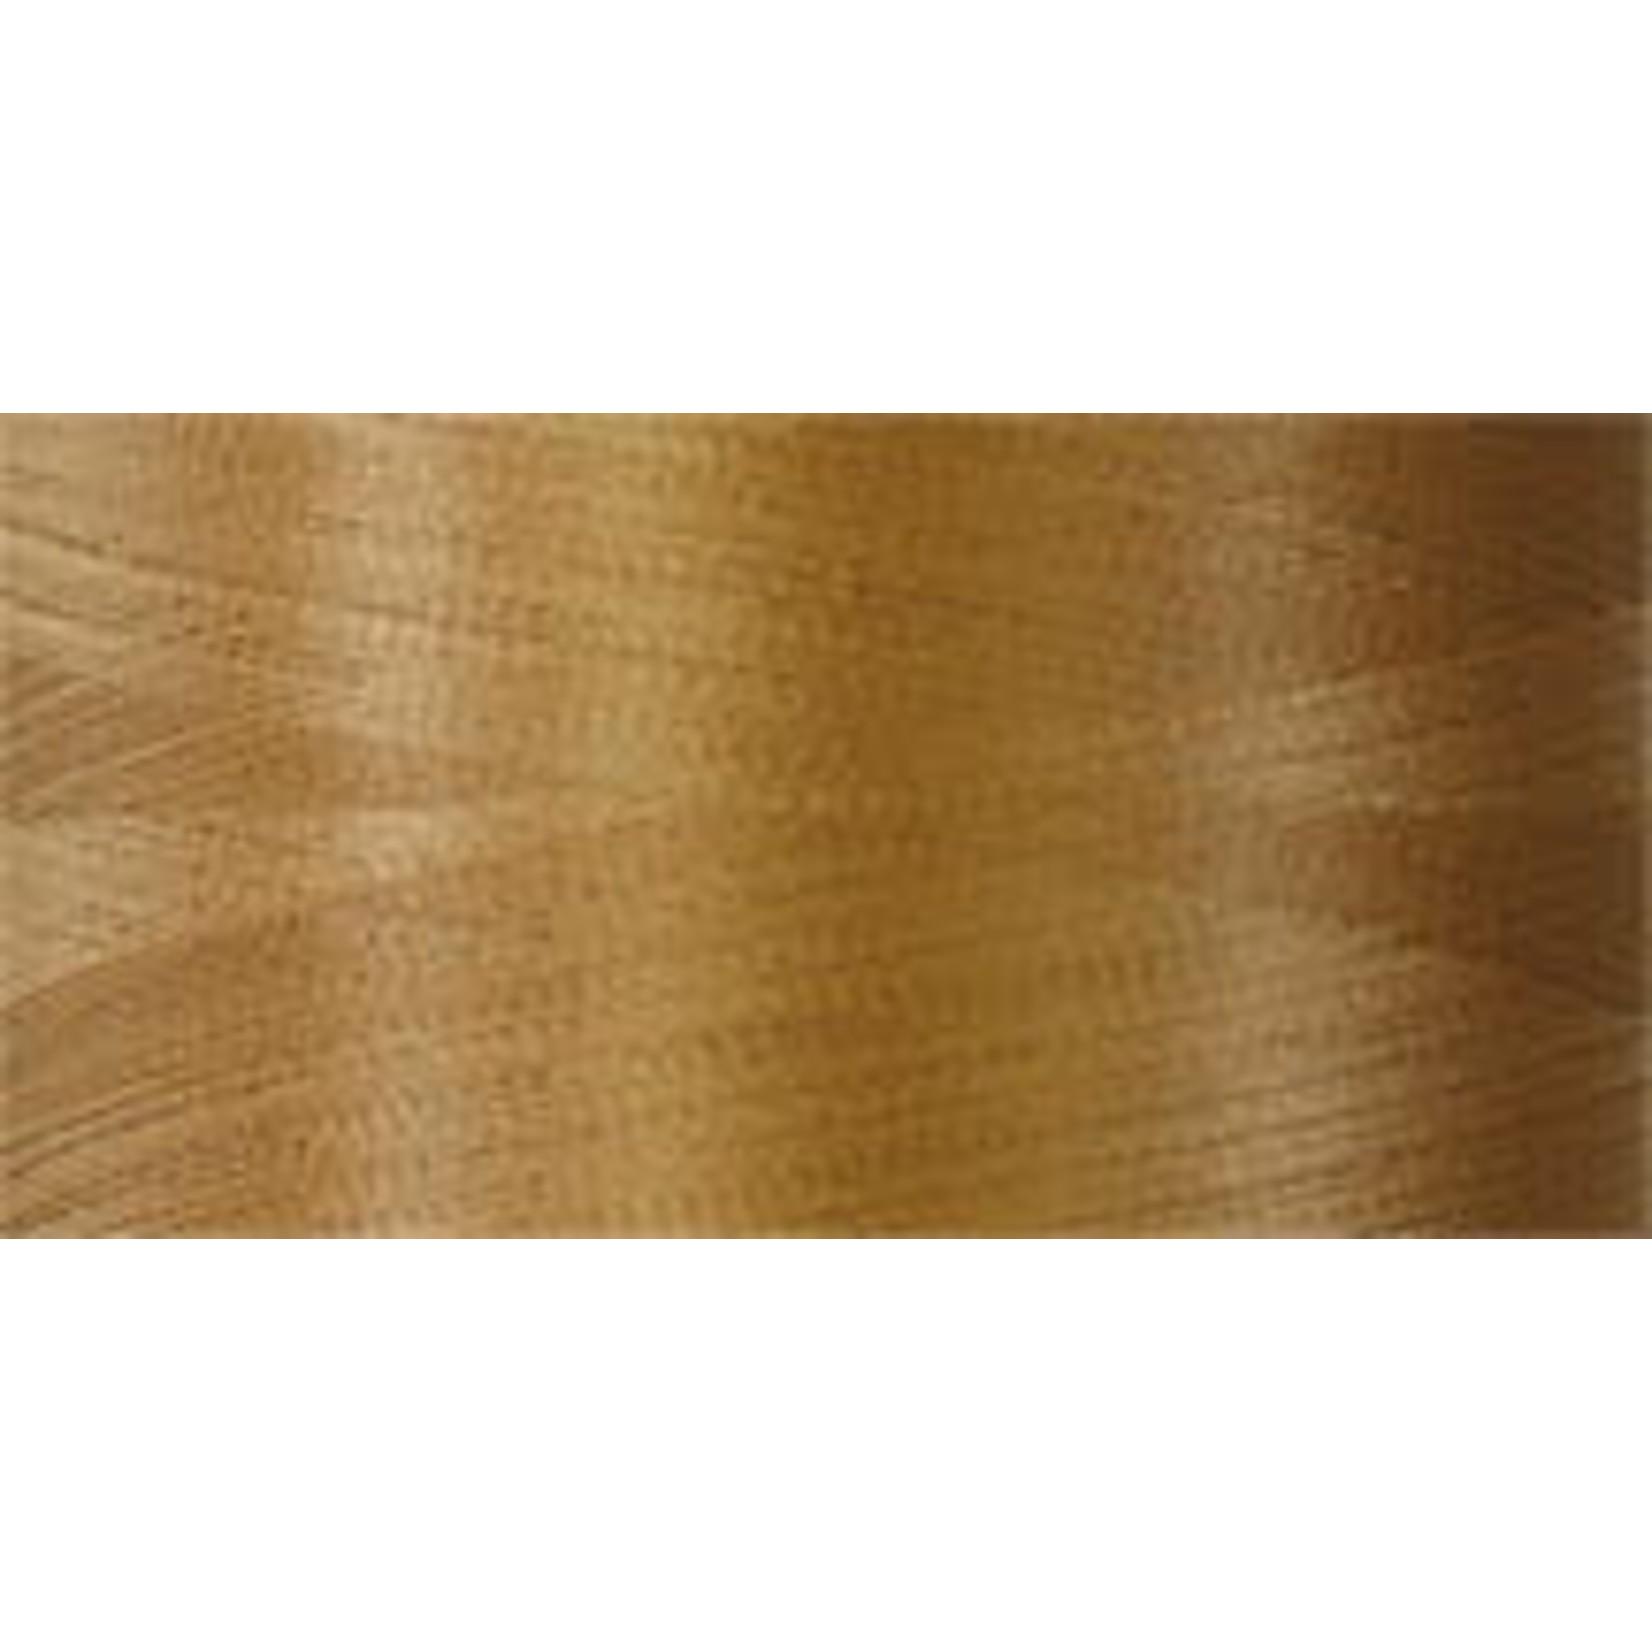 Superior Threads Bottom Line - #60 - 1300 m - 618 Medium Brown